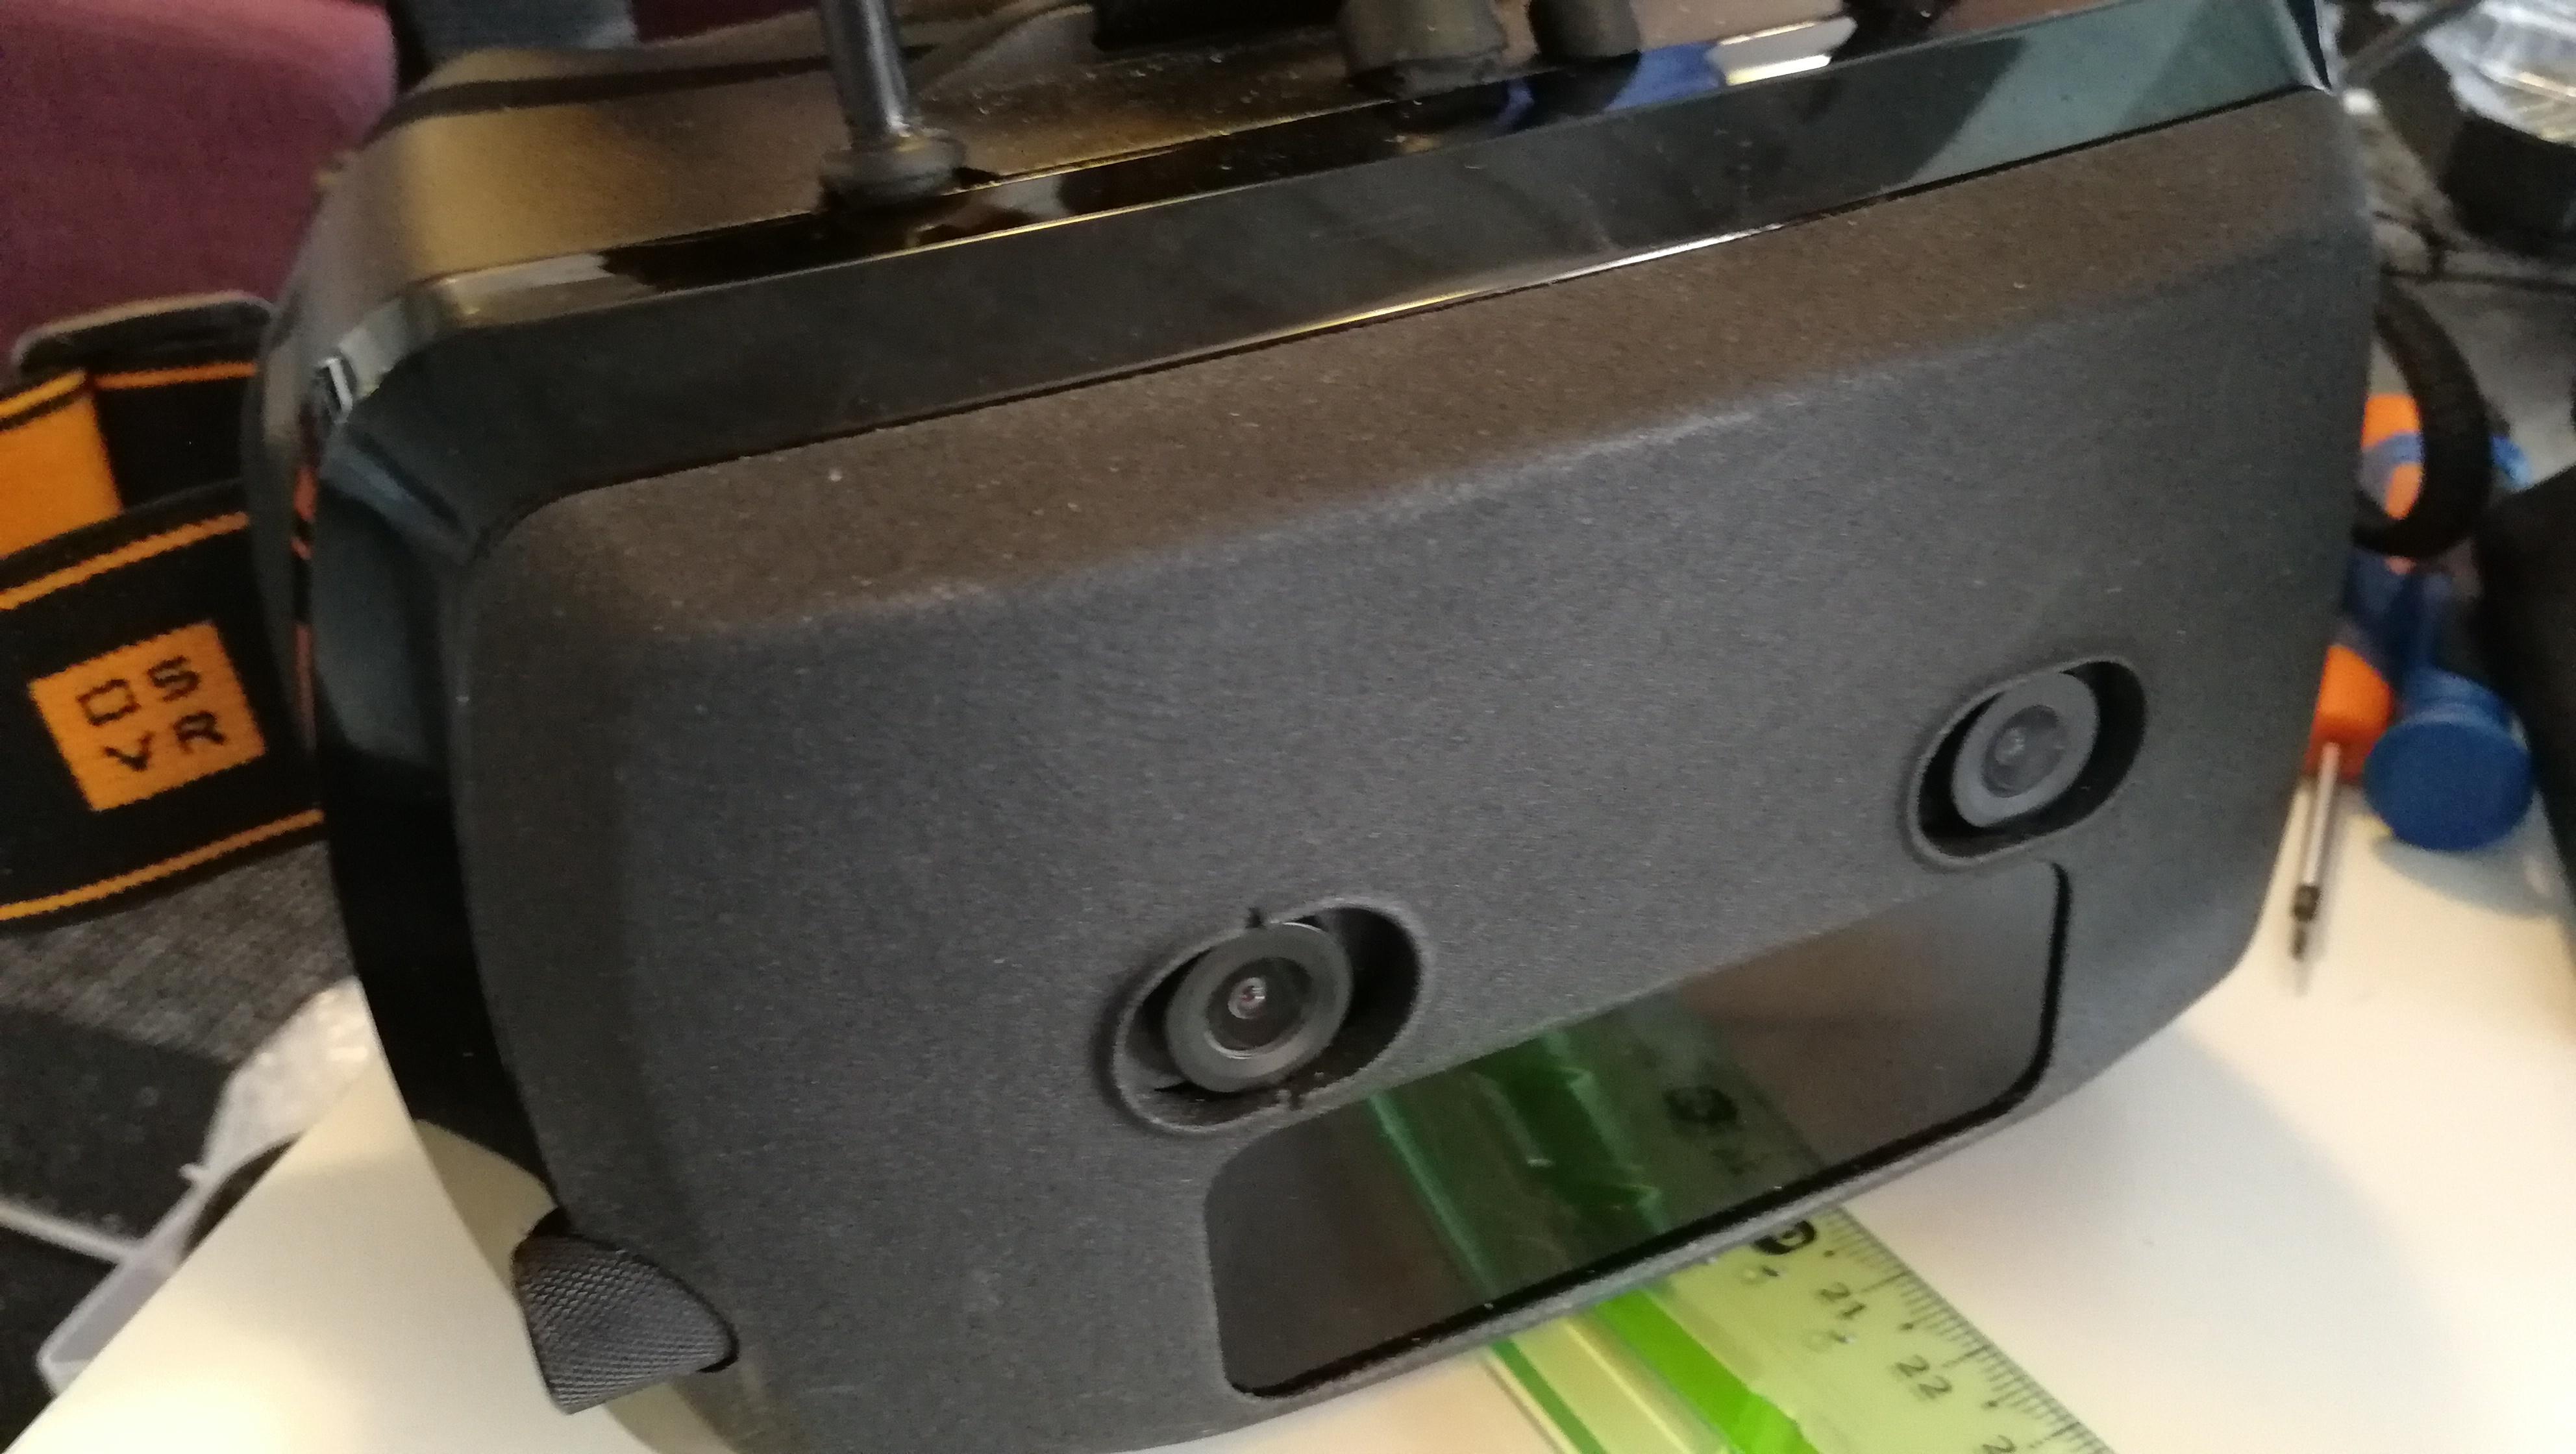 Le prototype testé, avec ses deux capteurs photo à l'avant qui correspondent aux deux yeux